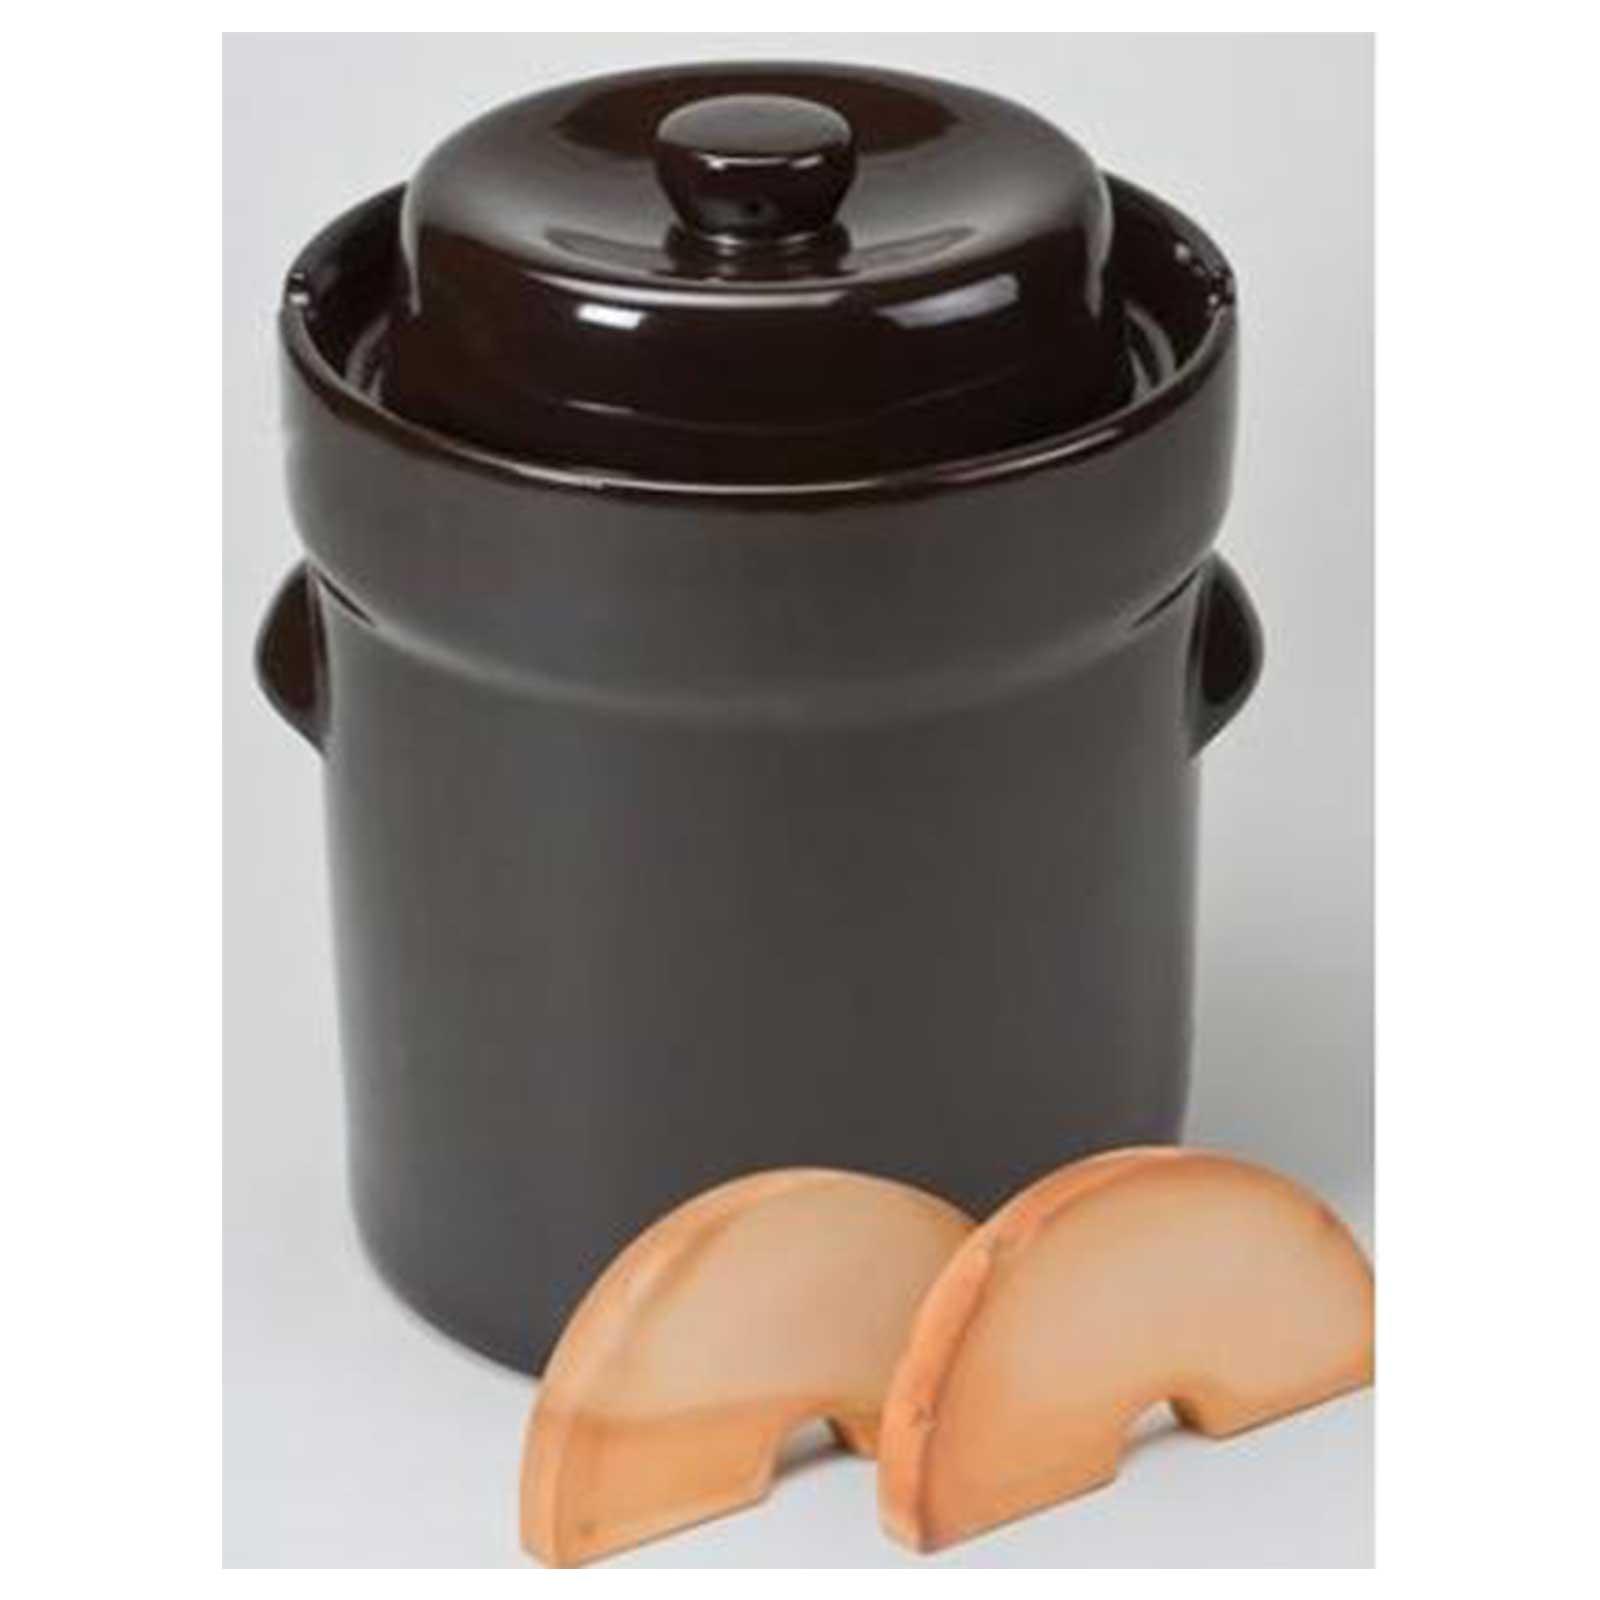 Schmitt Nik Schmitt German Pickling Fermenting Vegetable Crock Pot- 10 Liter